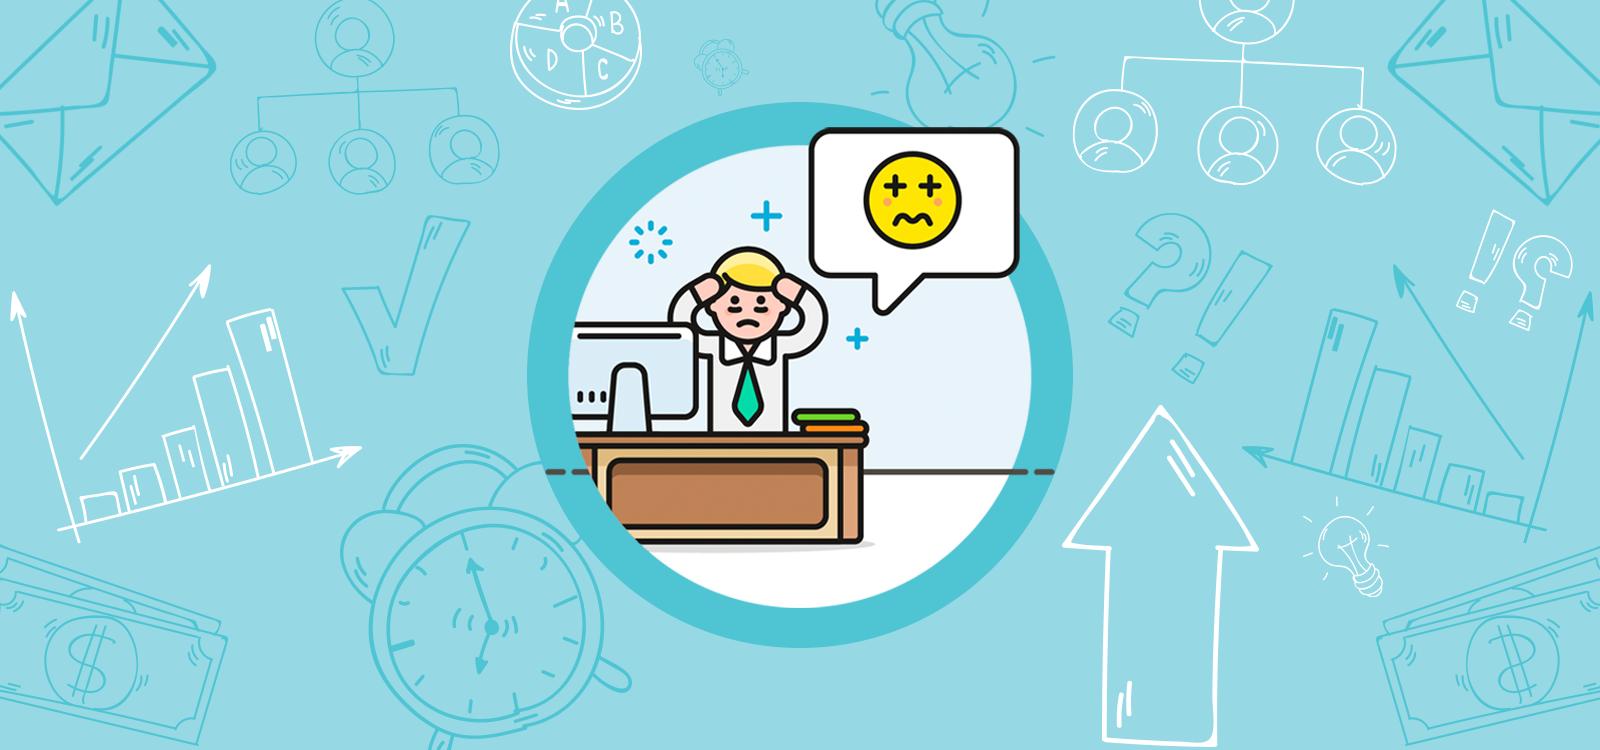 Ways to de-stress at work